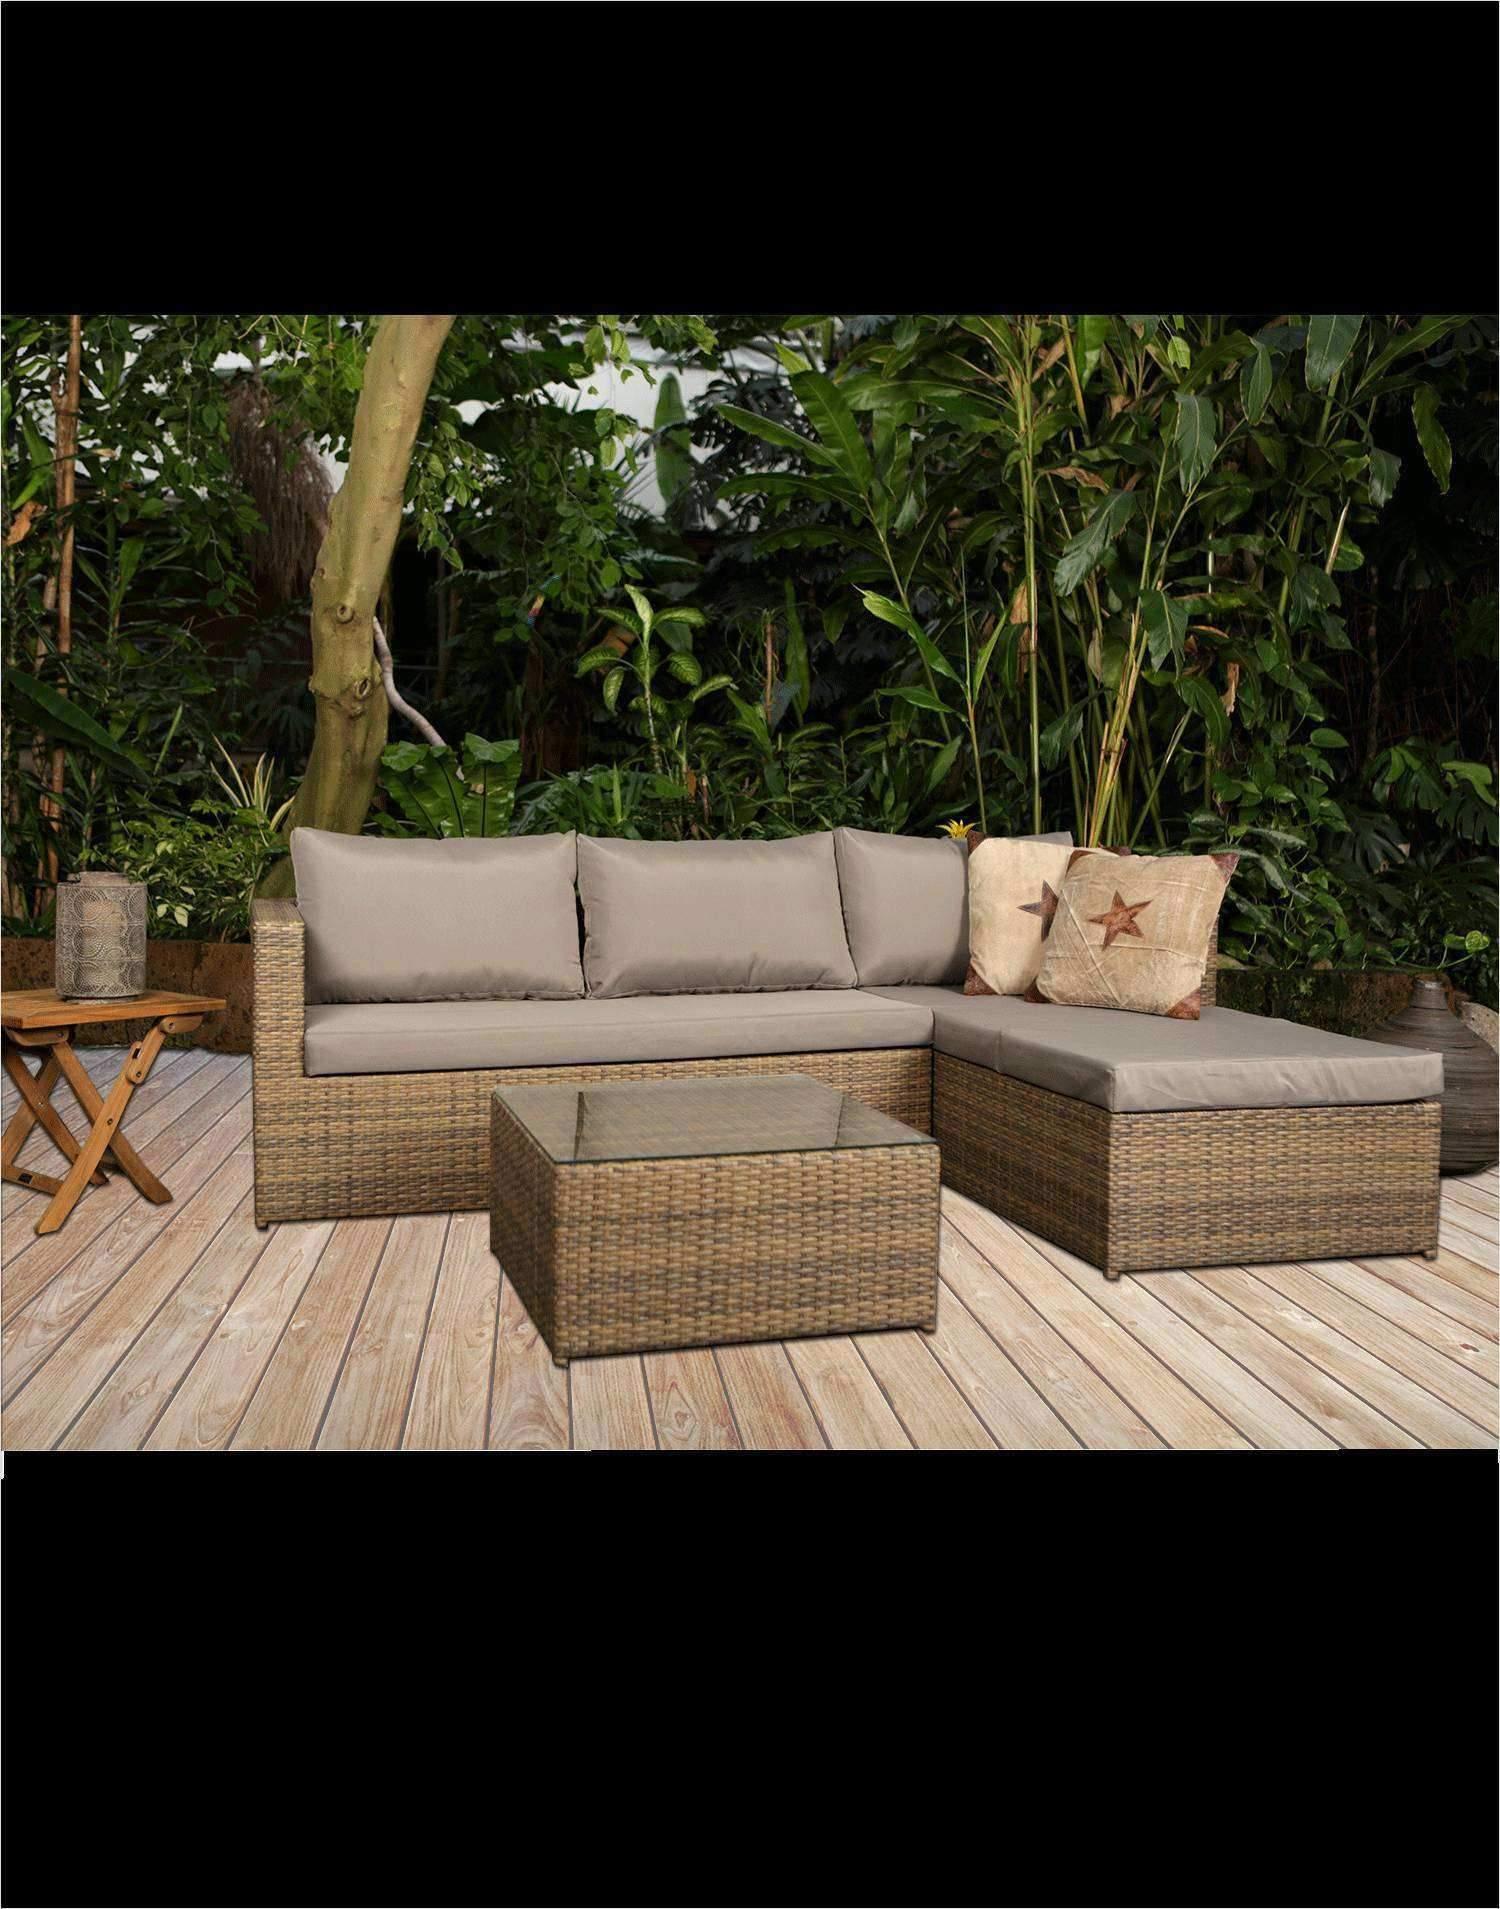 sofa weis gunstig das beste von 30 neu garten liegestuhle schon of sofa weis gunstig